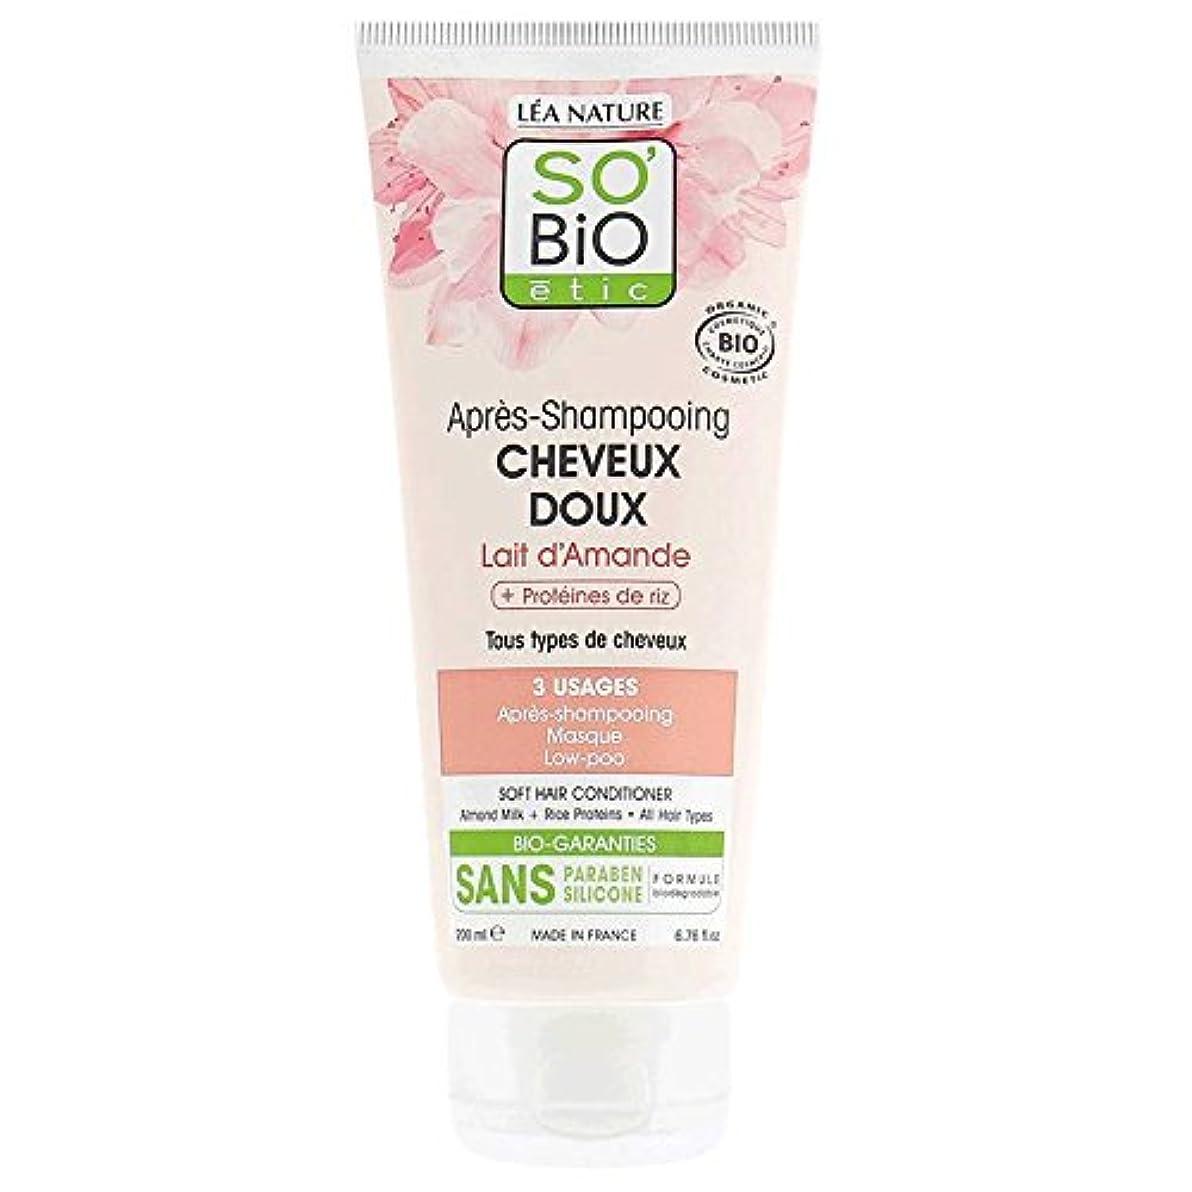 ドラマ近々シェードSO 'BIO ETIC - アーモンドミルク&ライスプロテイン入りコンディショナー - すべての髪のタイプに適しています - 保湿 - 髪の扱いやすさを改善します - パラベン&シリコンから無料 - 200 ml